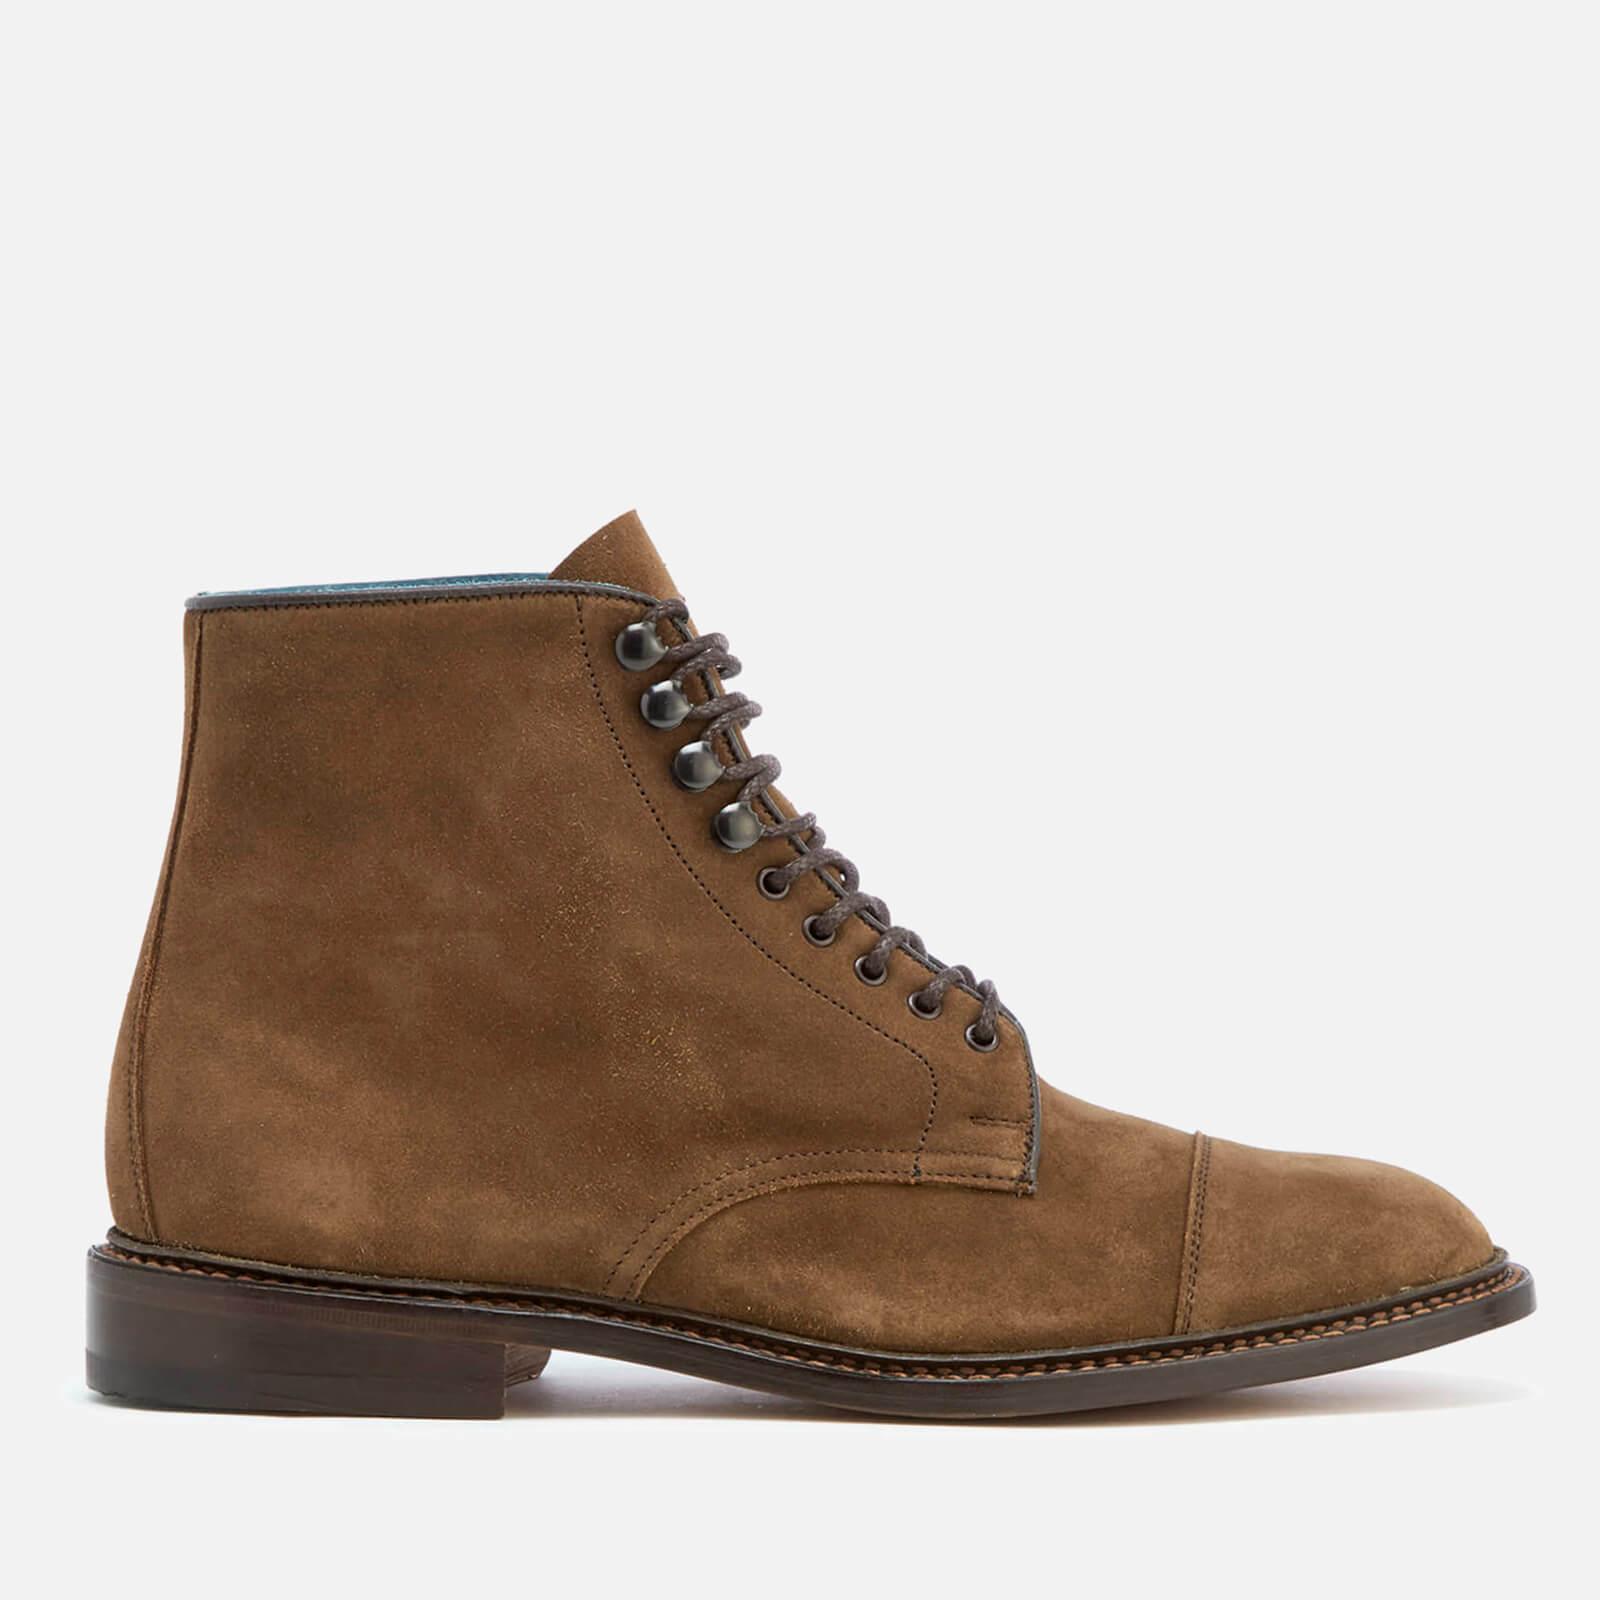 Scott Ultra Flex Suede Lace Up Boots